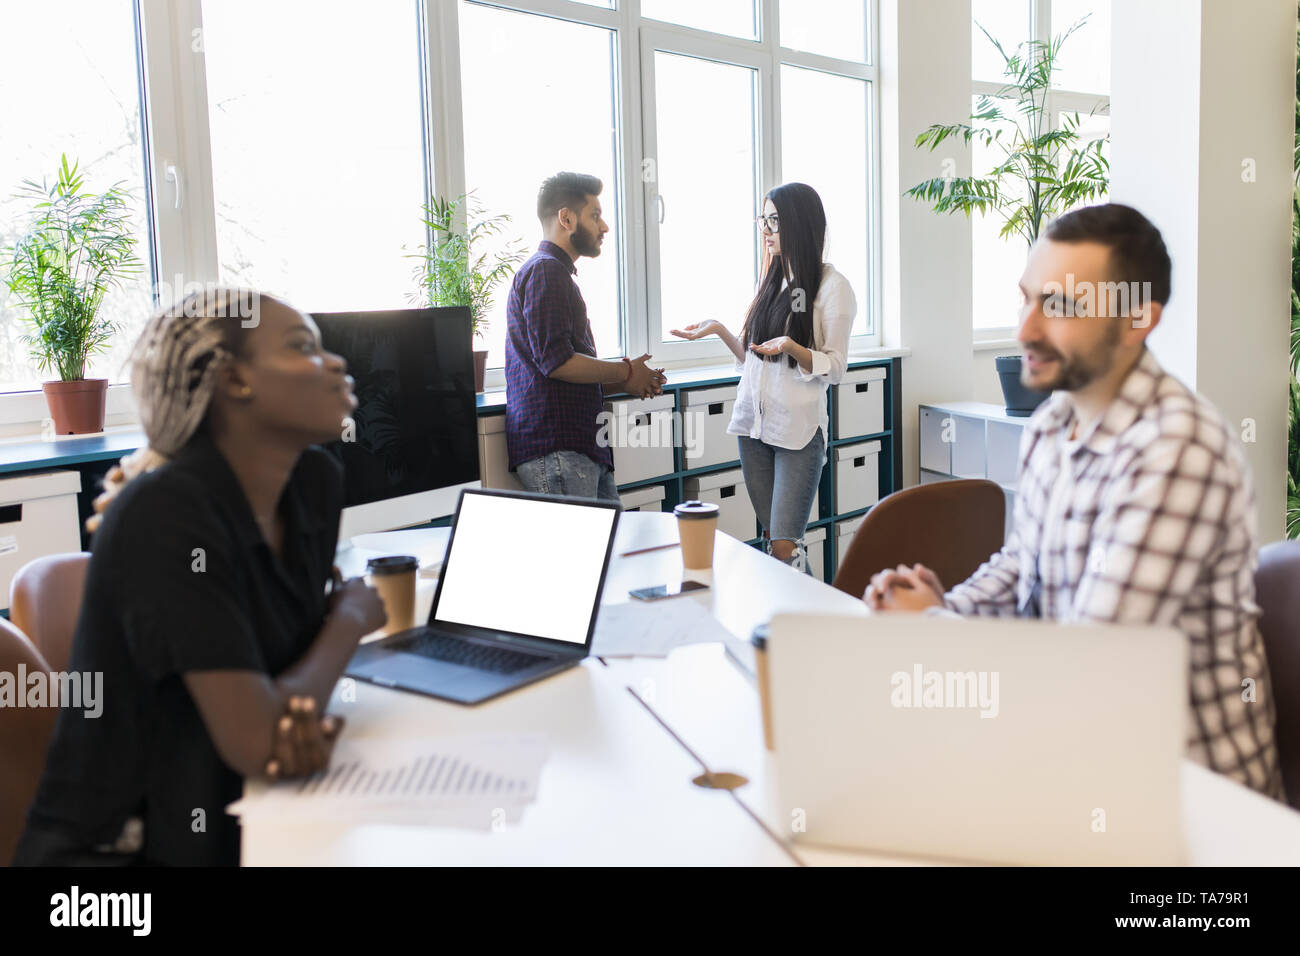 Diversos colegas sentados en círculo, hablando sobre la formación empresarial con autobús, empleados del equipo multirracial discutir la estrategia de negocio, ideas, implican Foto de stock